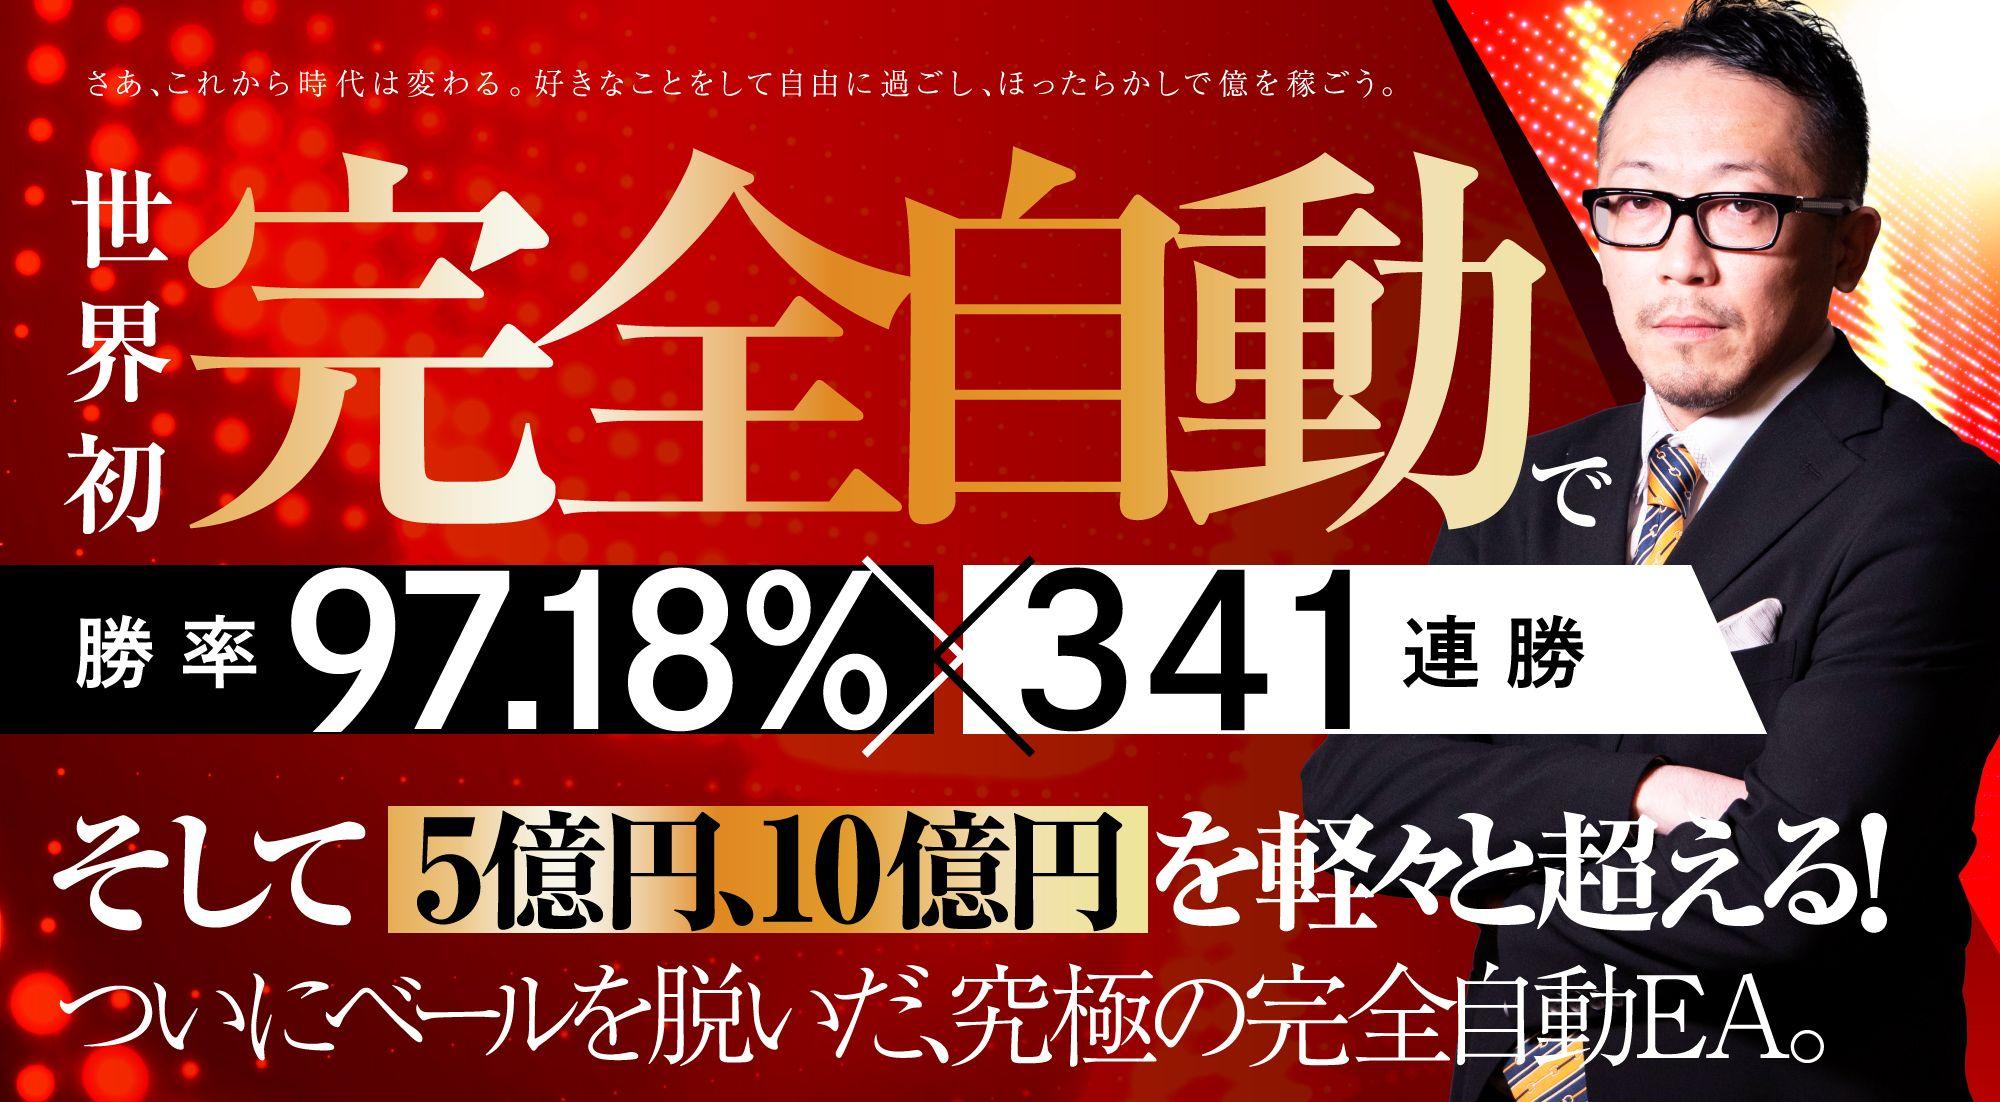 Master Piece FX【井手海斗】は怪しさだらけ?レビューをお届け!